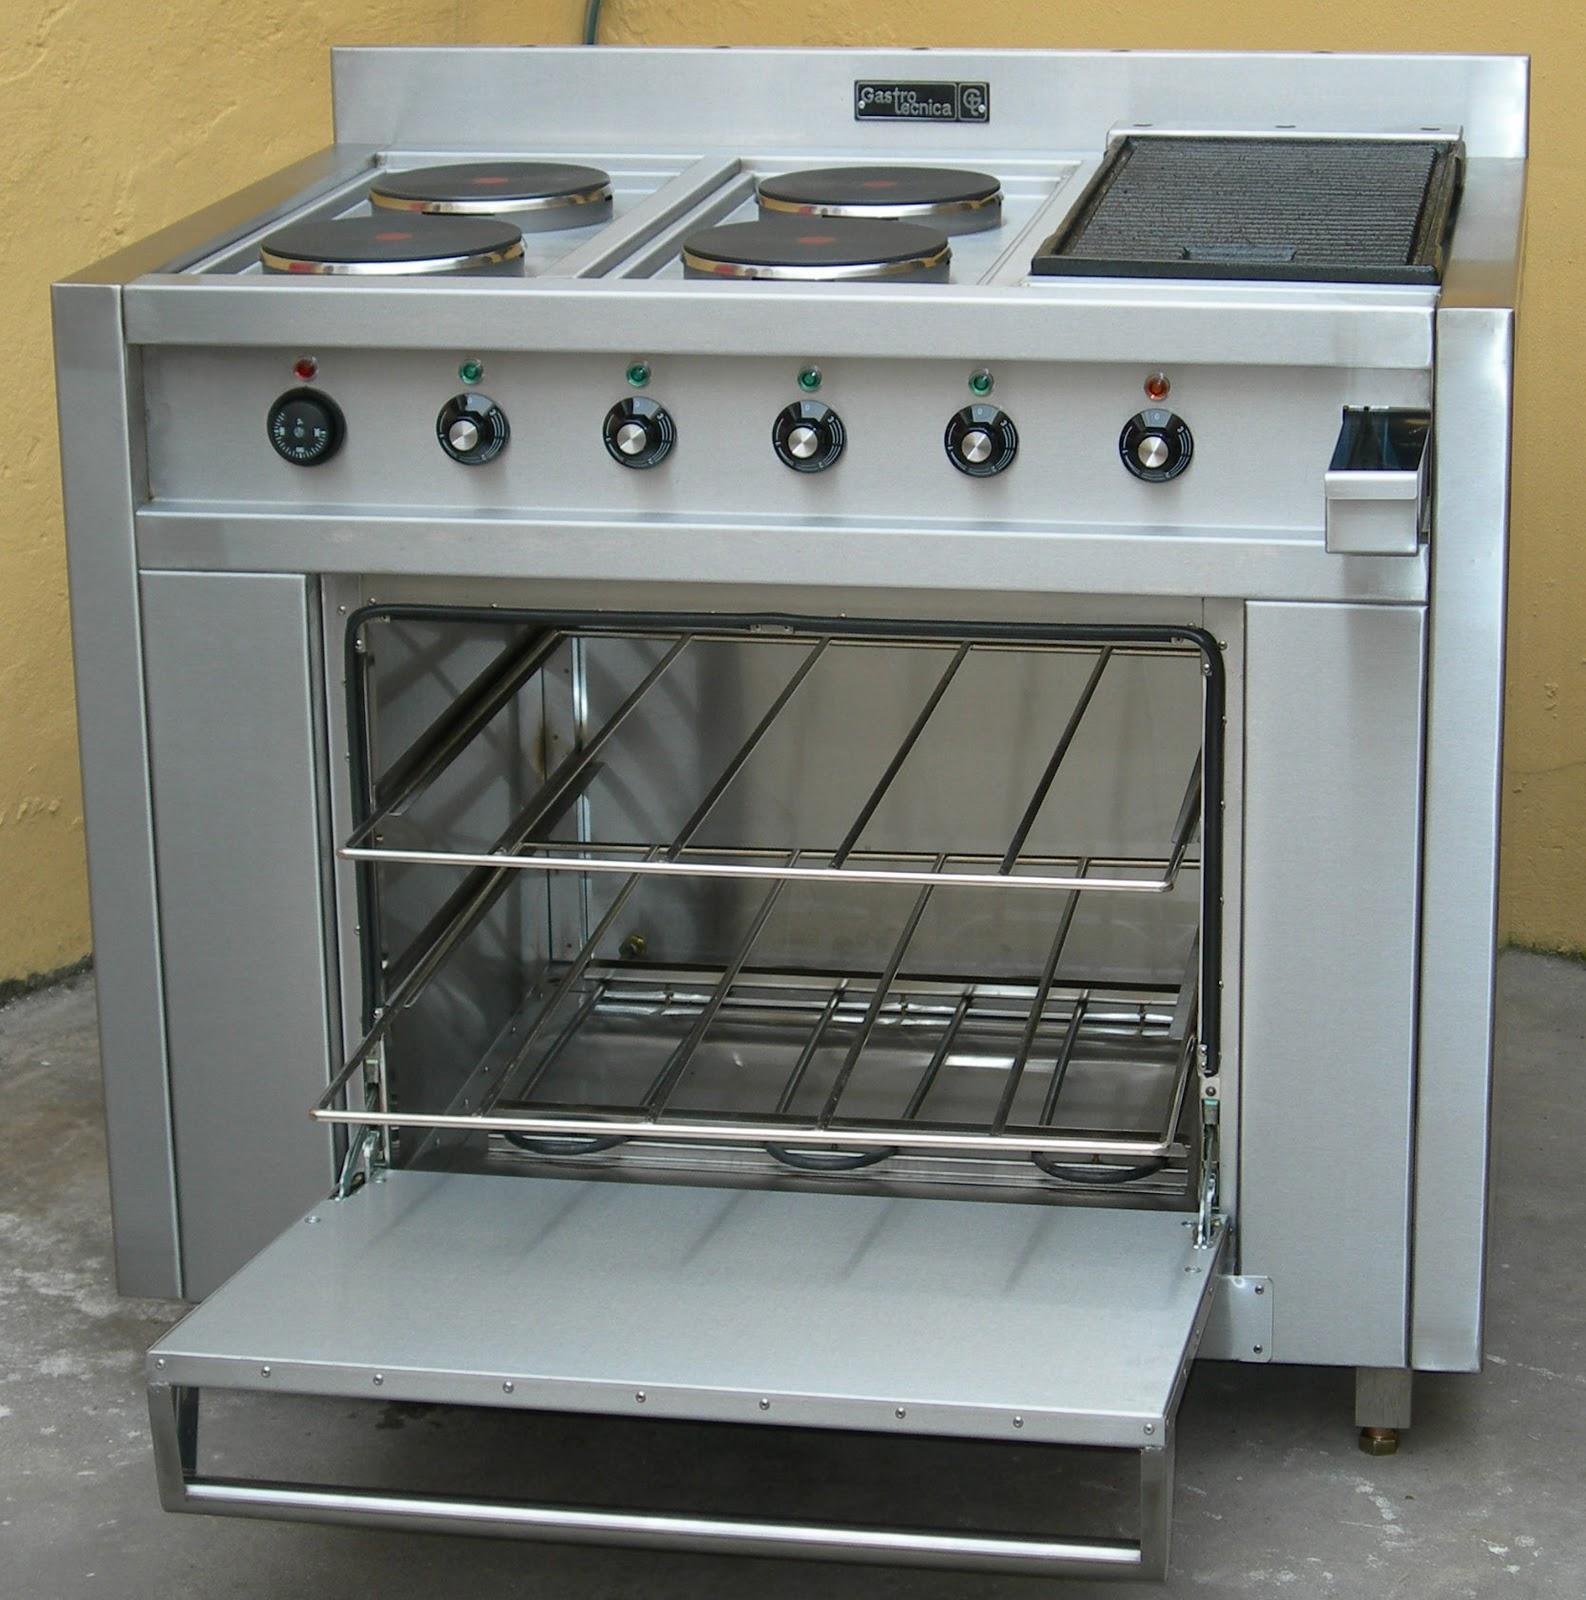 aguirre soluciones integrales cocinas electricas